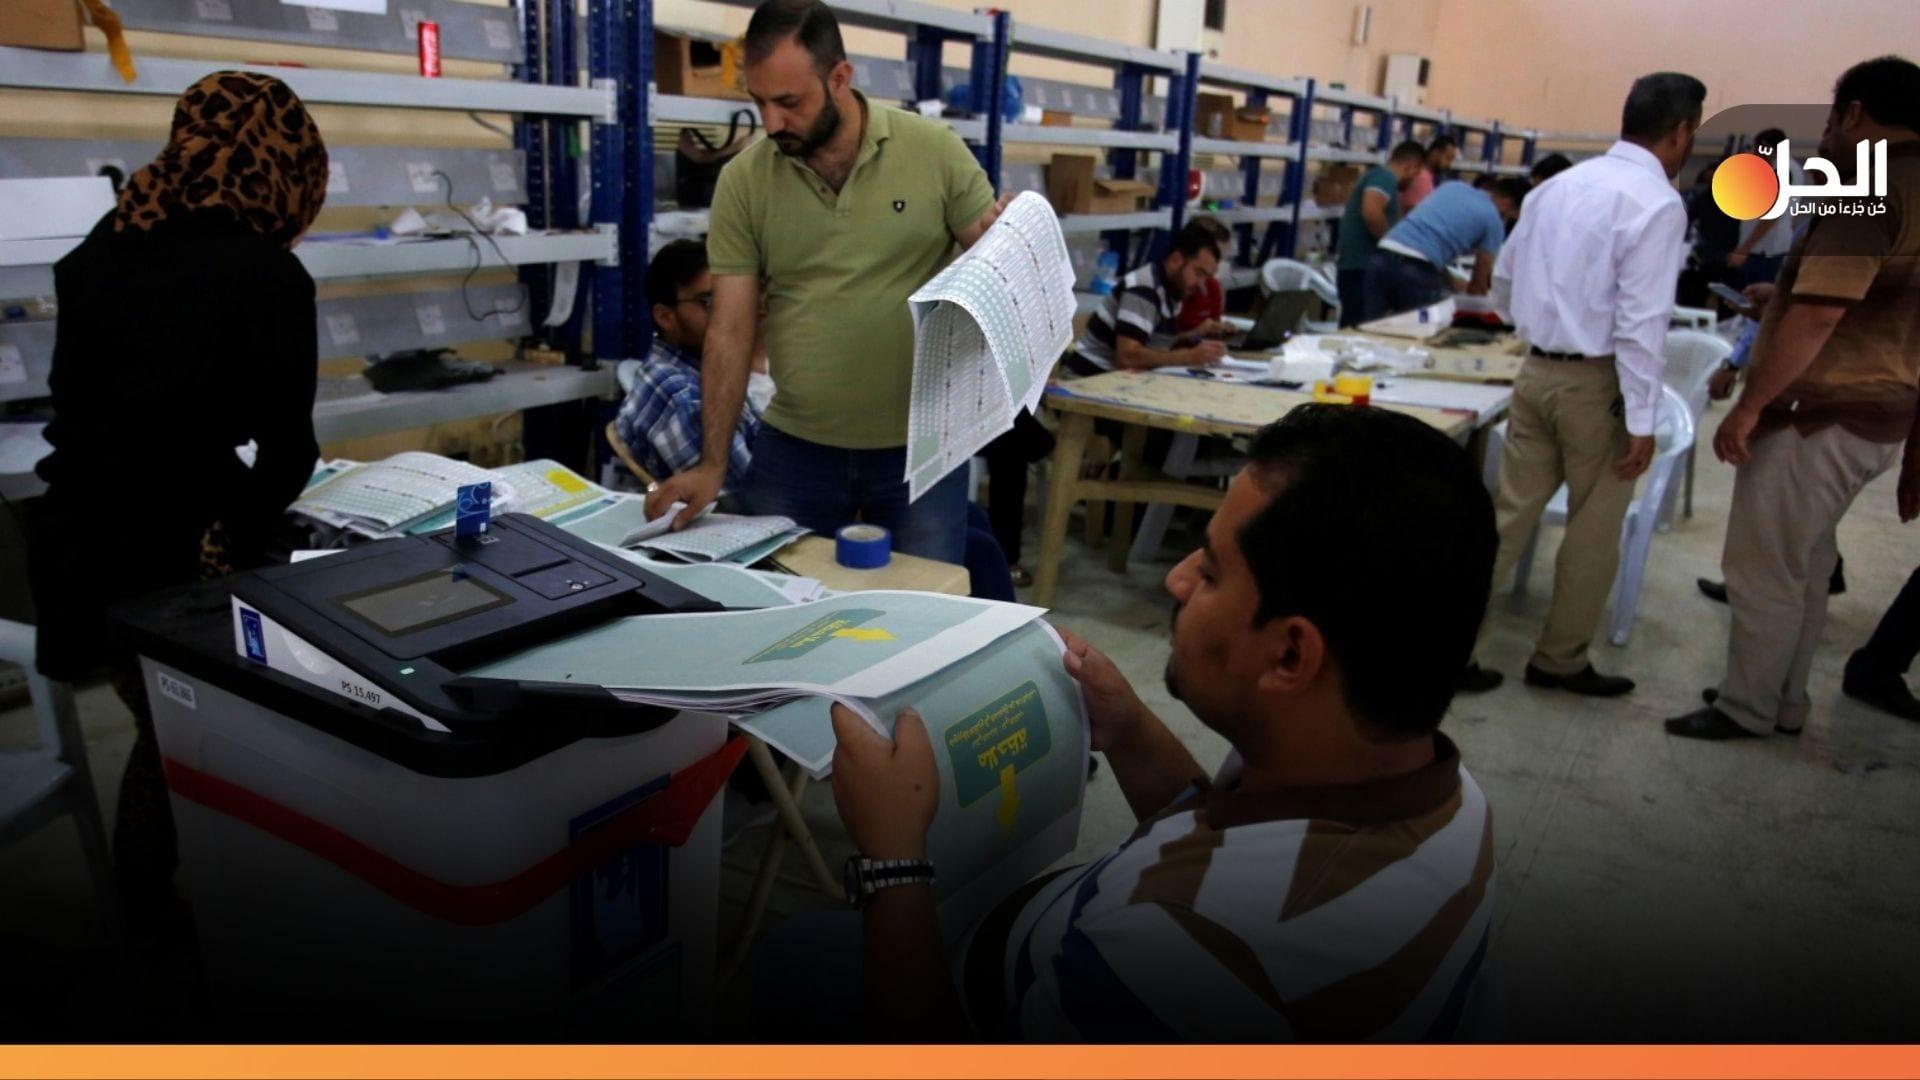 رغبَةٌ دولية لمُراقبَة الانتخابات العراقية المُبَكّرَة